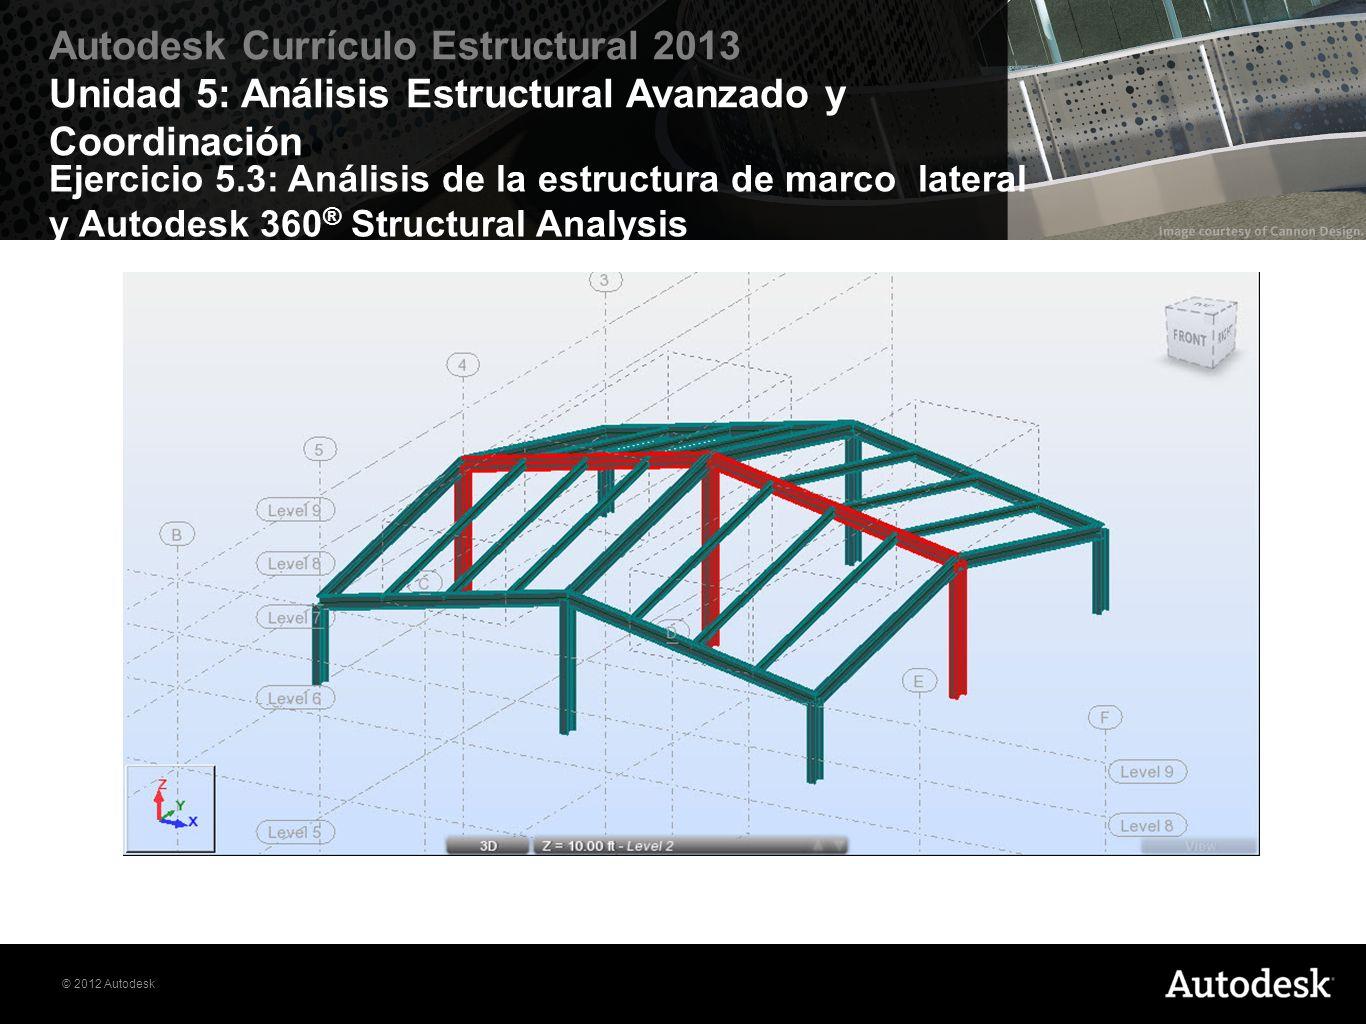 © 2012 Autodesk Autodesk Currículo Estructural 2013 Unidad 5: Análisis Estructural Avanzado y Coordinación Ejercicio 5.3: Análisis de la estructura de